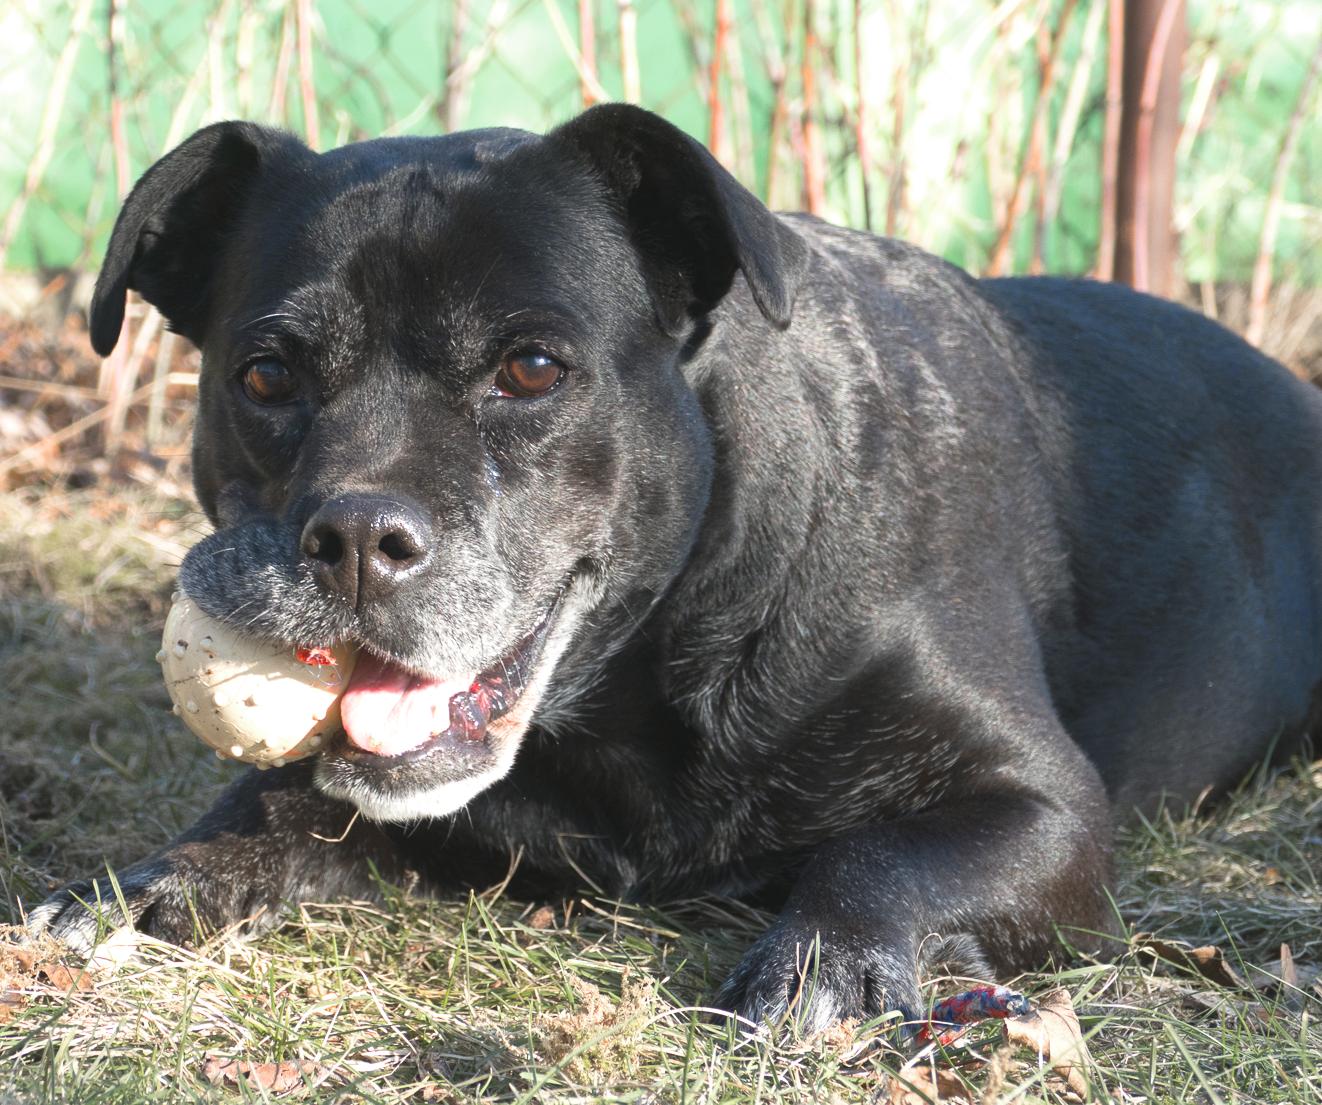 Arthrose Tierkrankenversicherung Agila Hundephysiotherapie Wilsdruff Zauberhunde